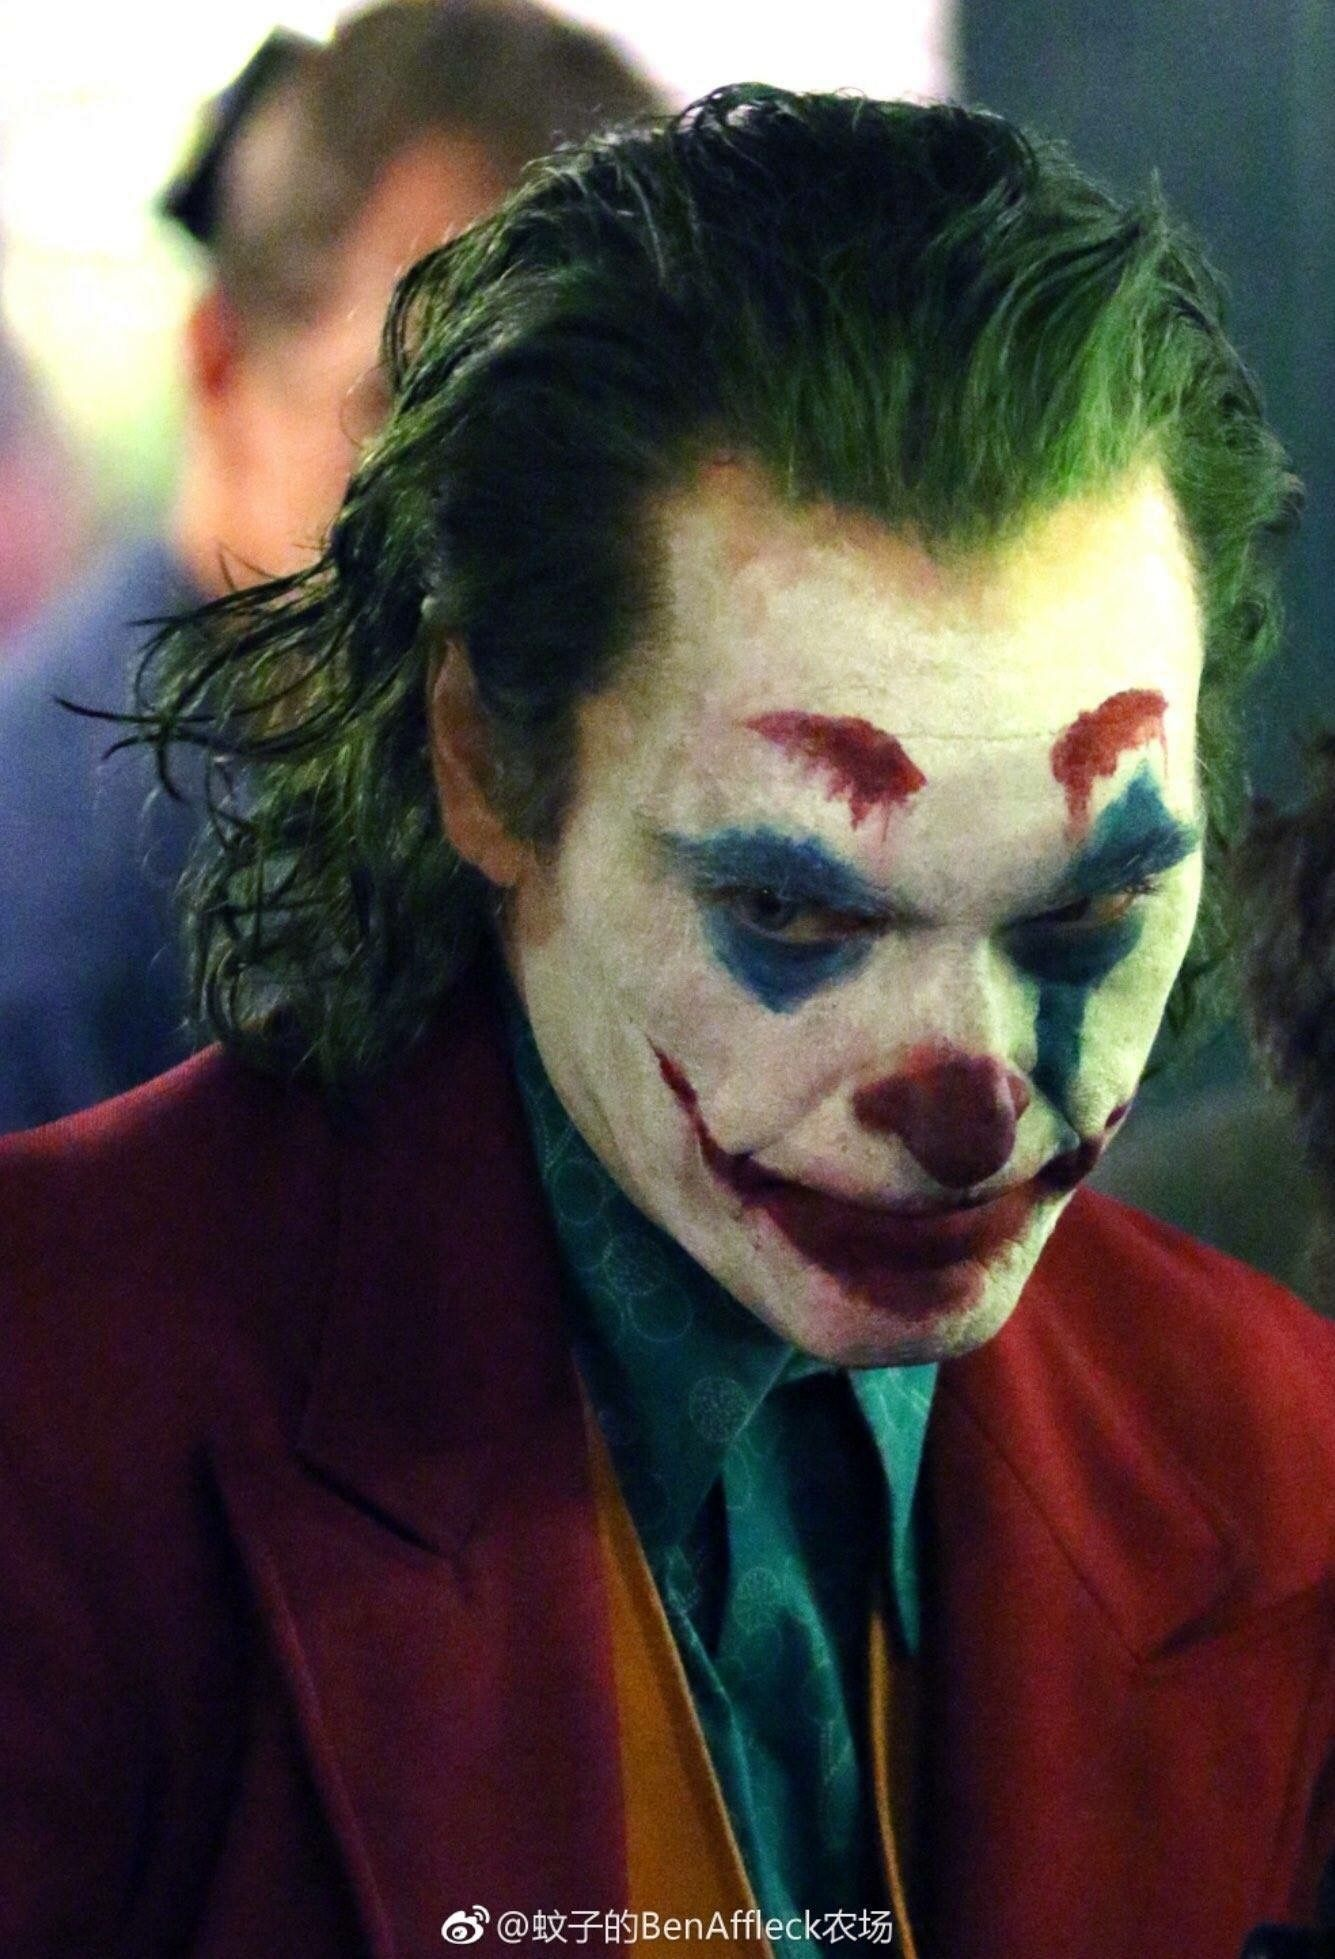 16 Joaquin Phoenix Joker Wallpapers On Wallpapersafari